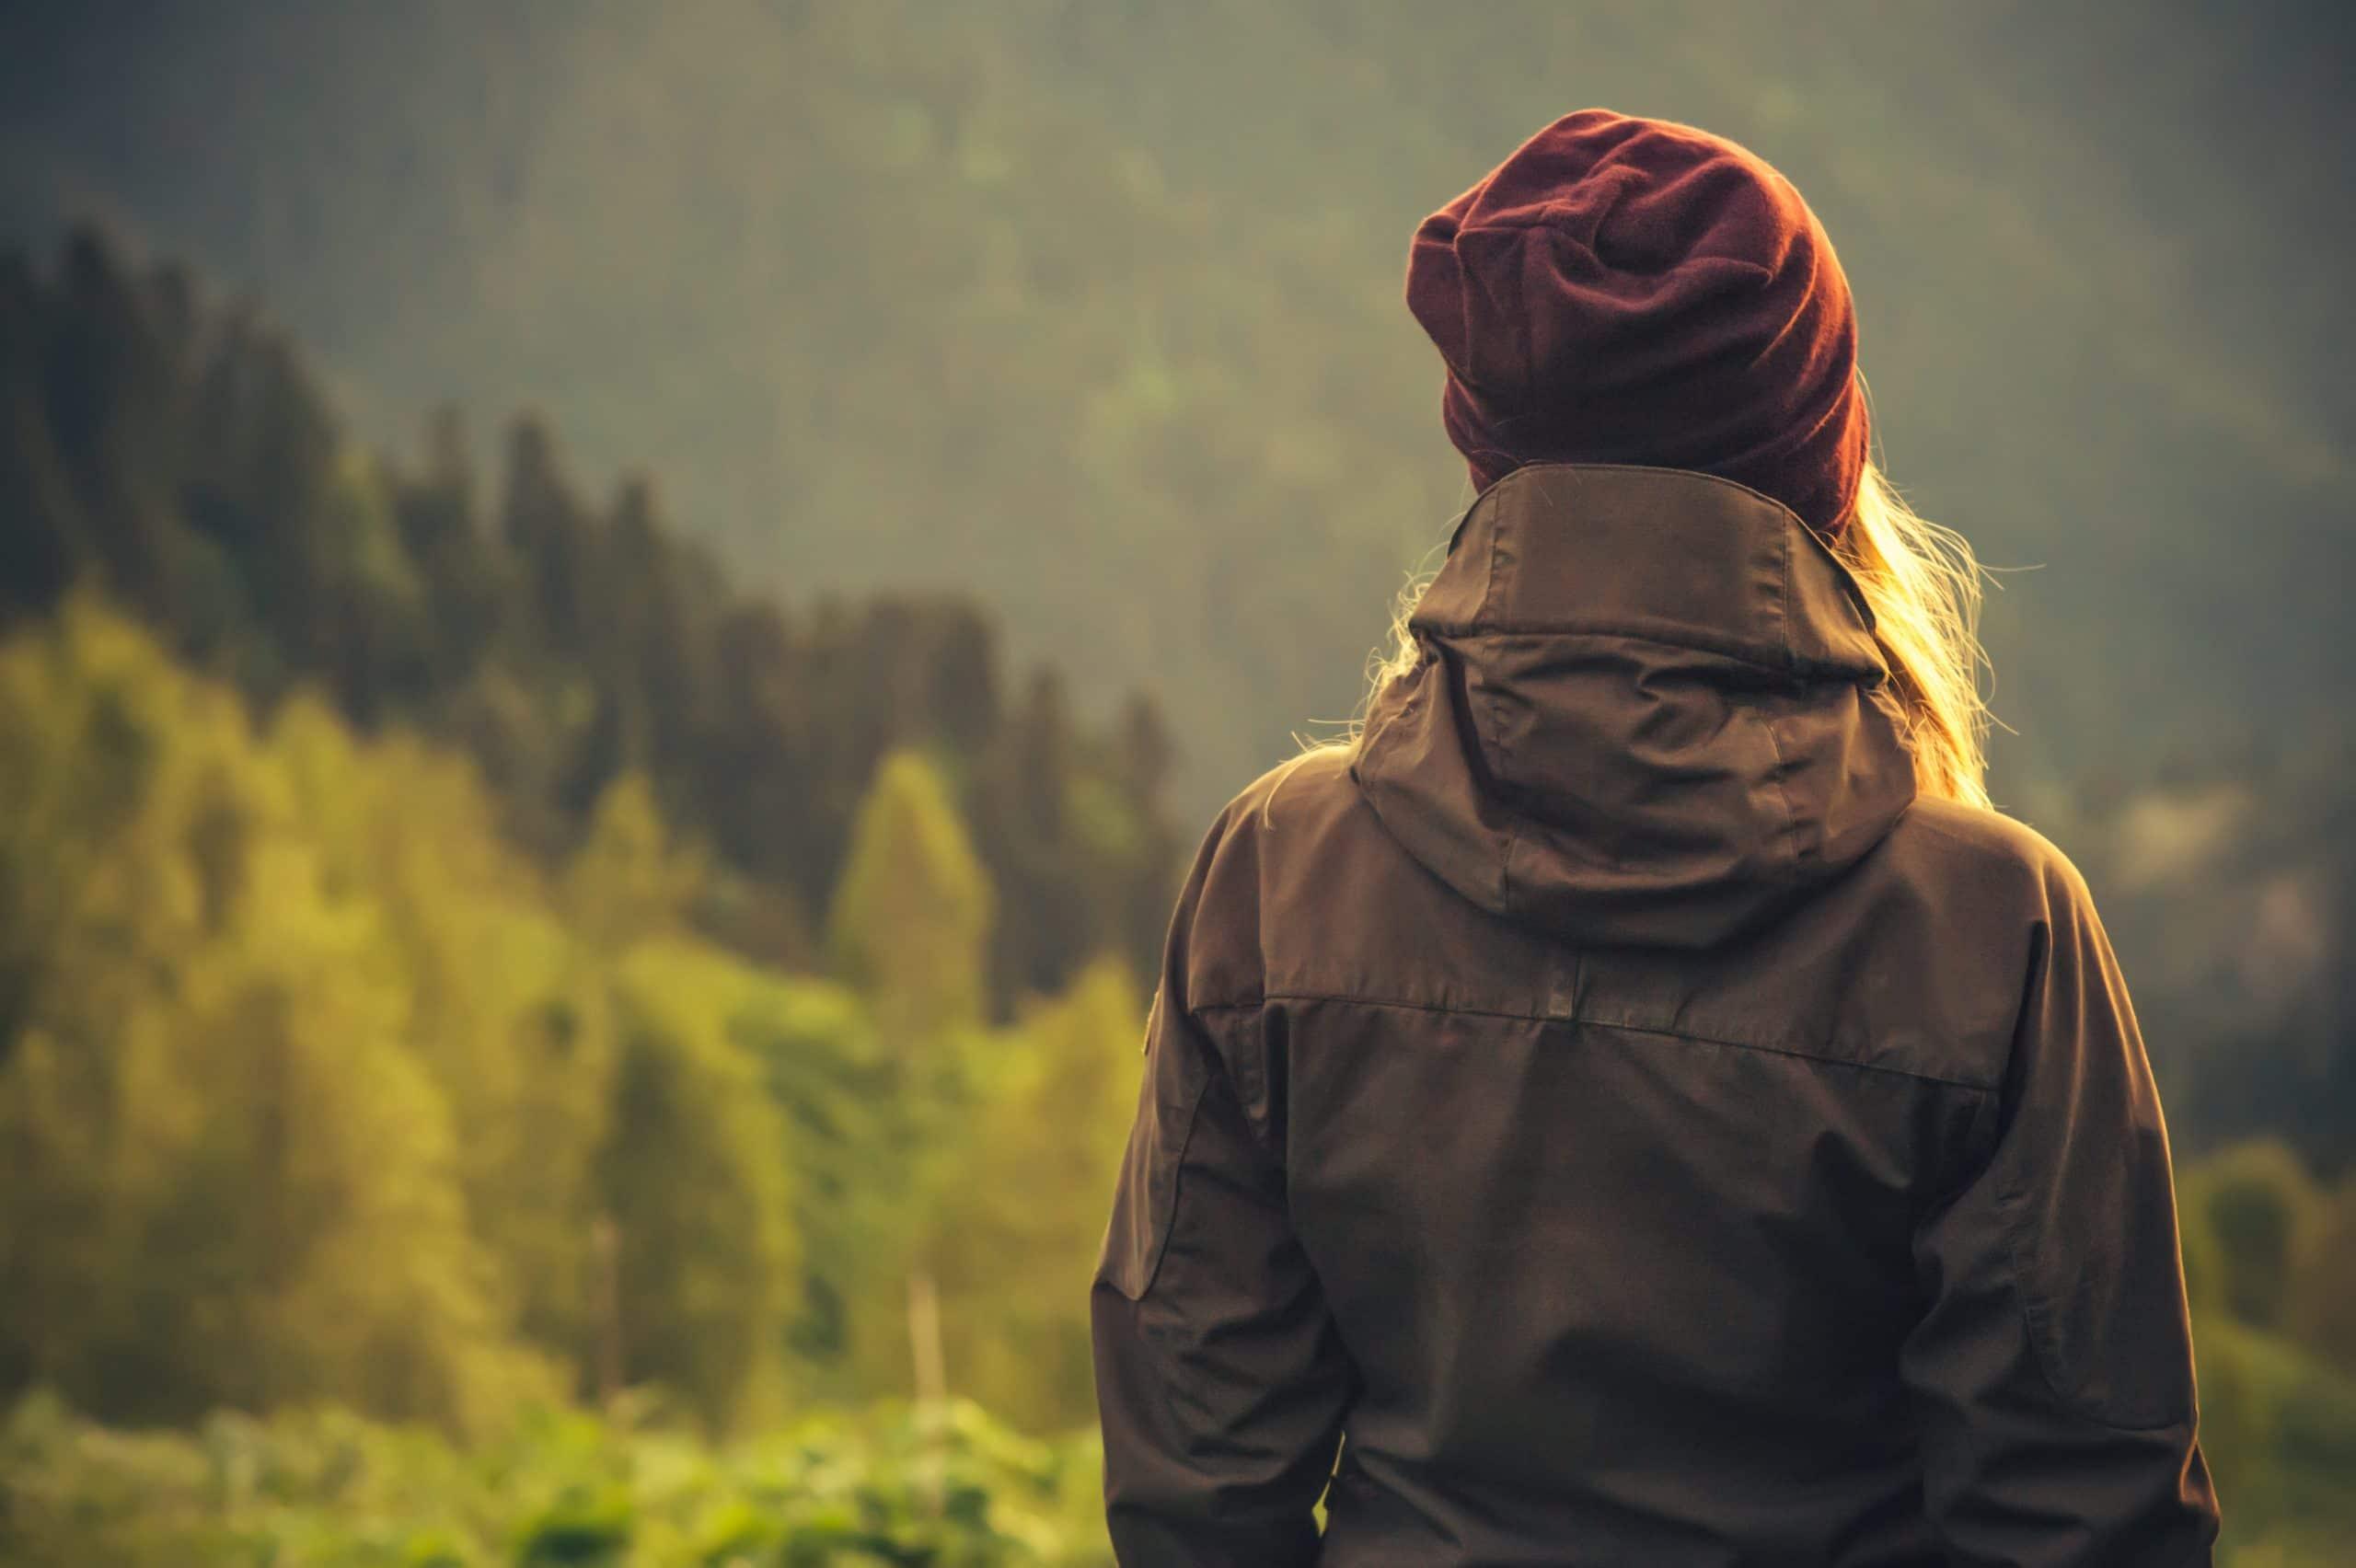 Mulher loira com roupas de frio na natureza.